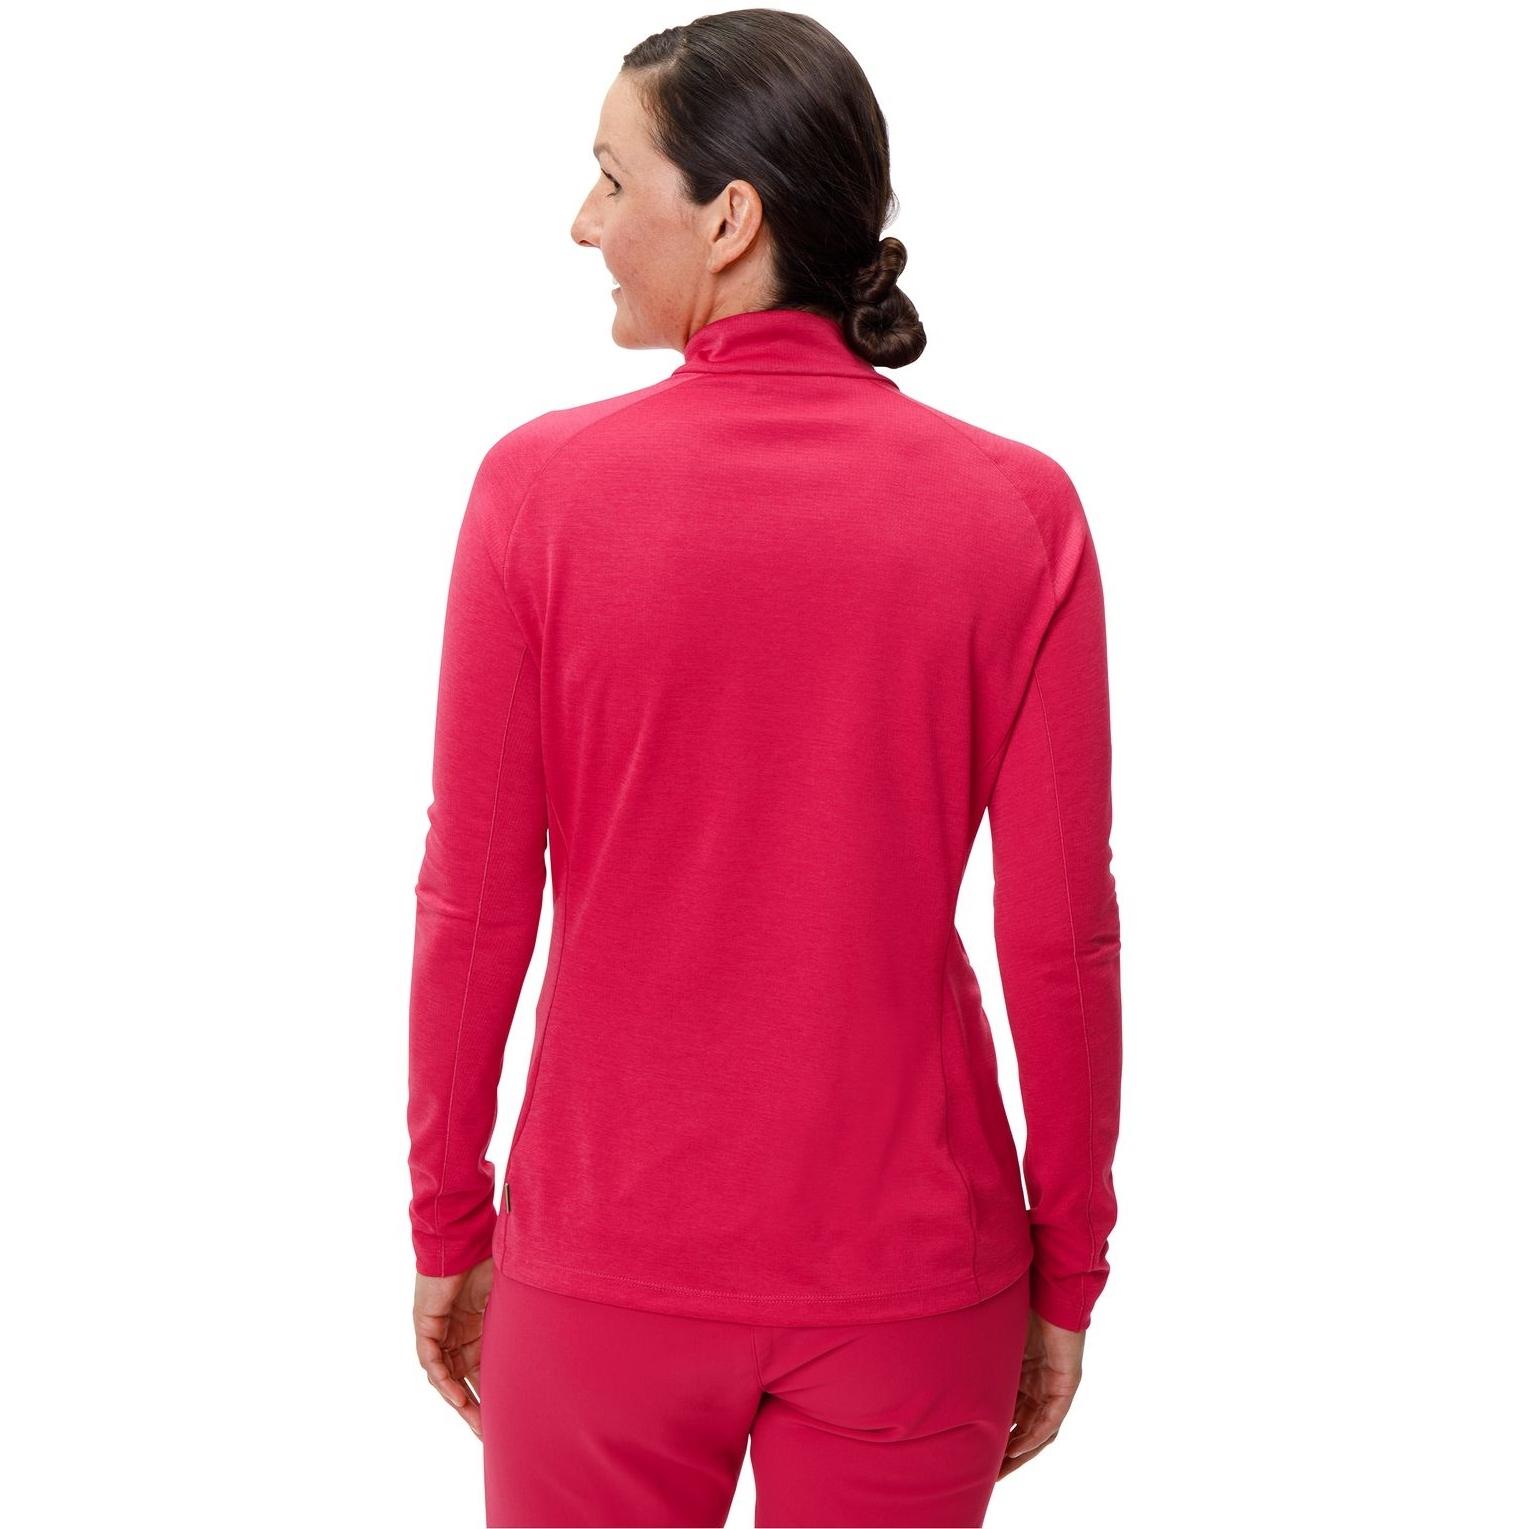 Bild von Vaude Larice Light Shirt II Damenpullover - crimson red